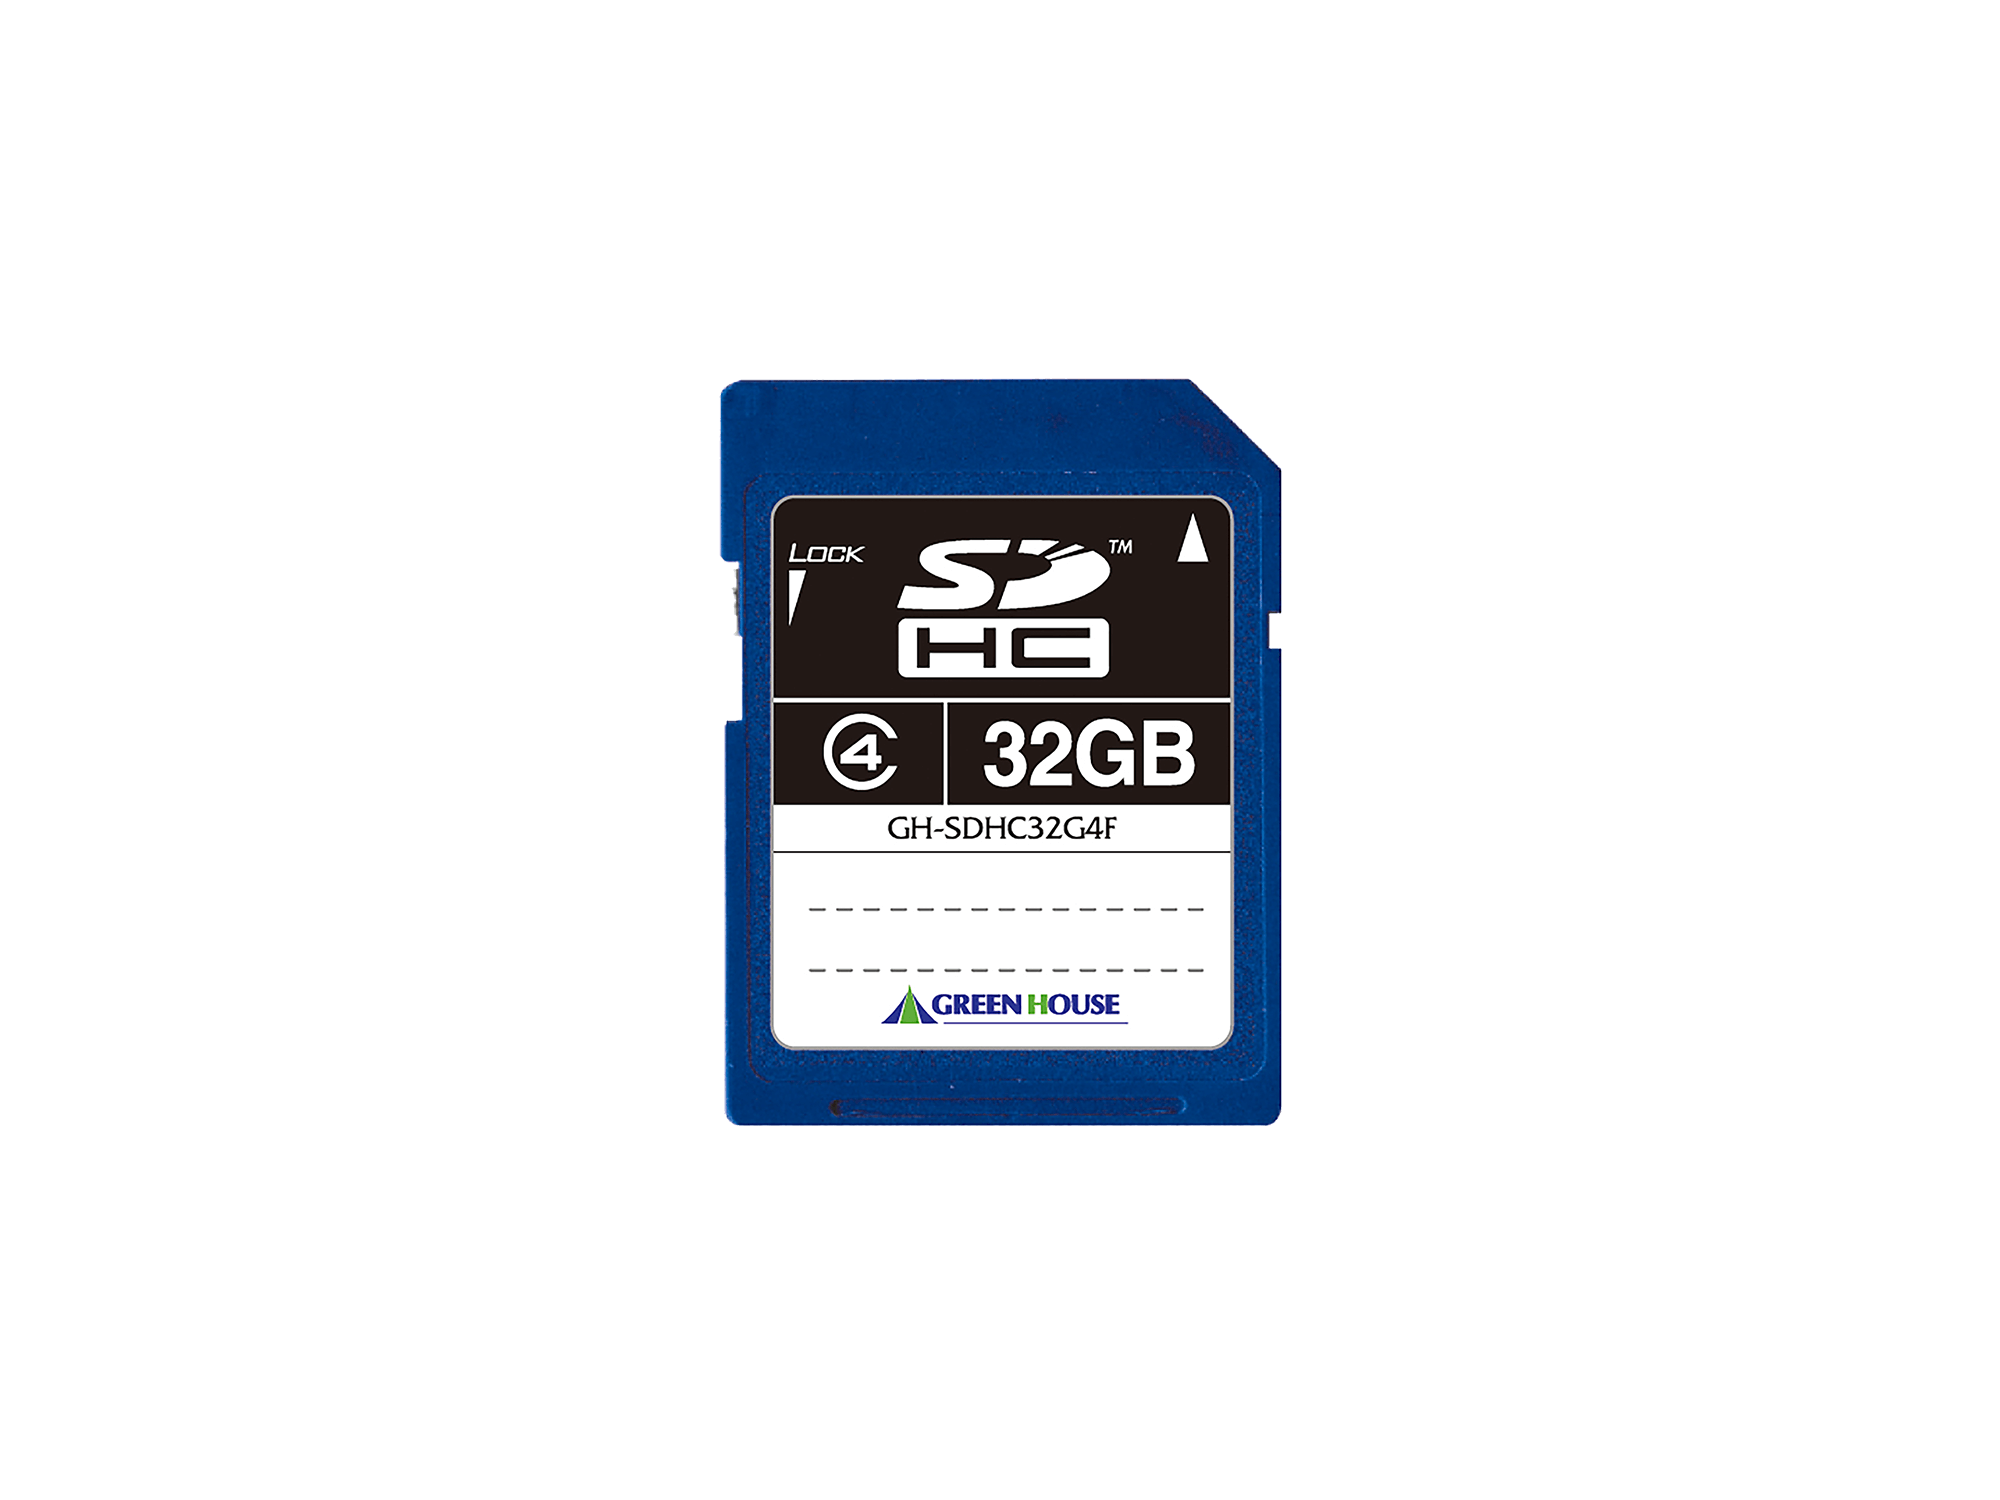 GH-SDHC*4Fシリーズ